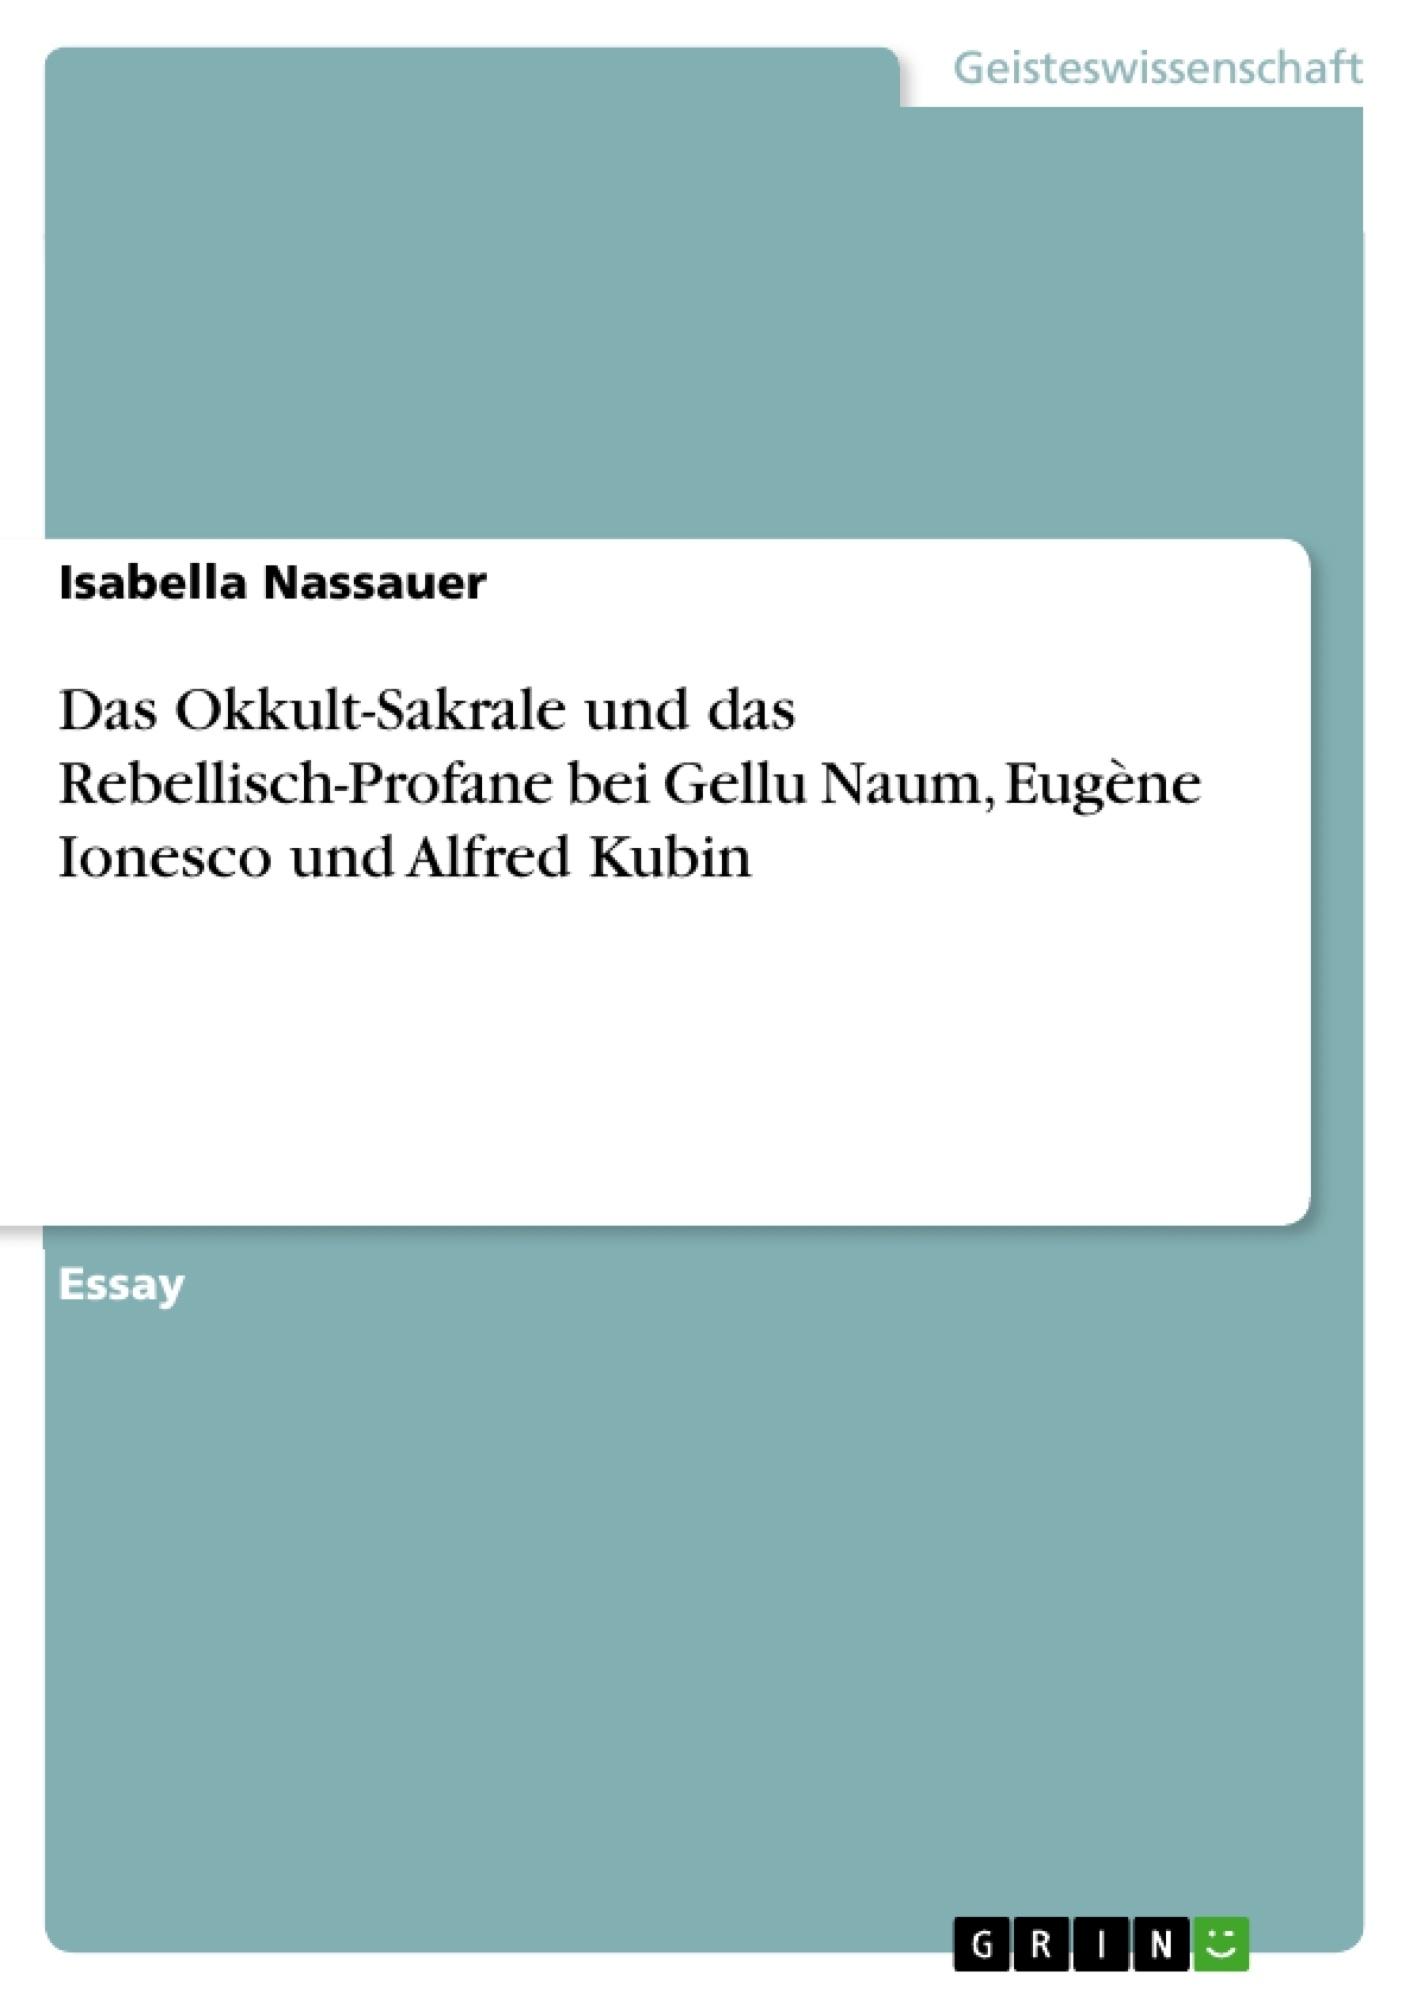 Titel: Das Okkult-Sakrale und das Rebellisch-Profane bei Gellu Naum, Eugène Ionesco und Alfred Kubin